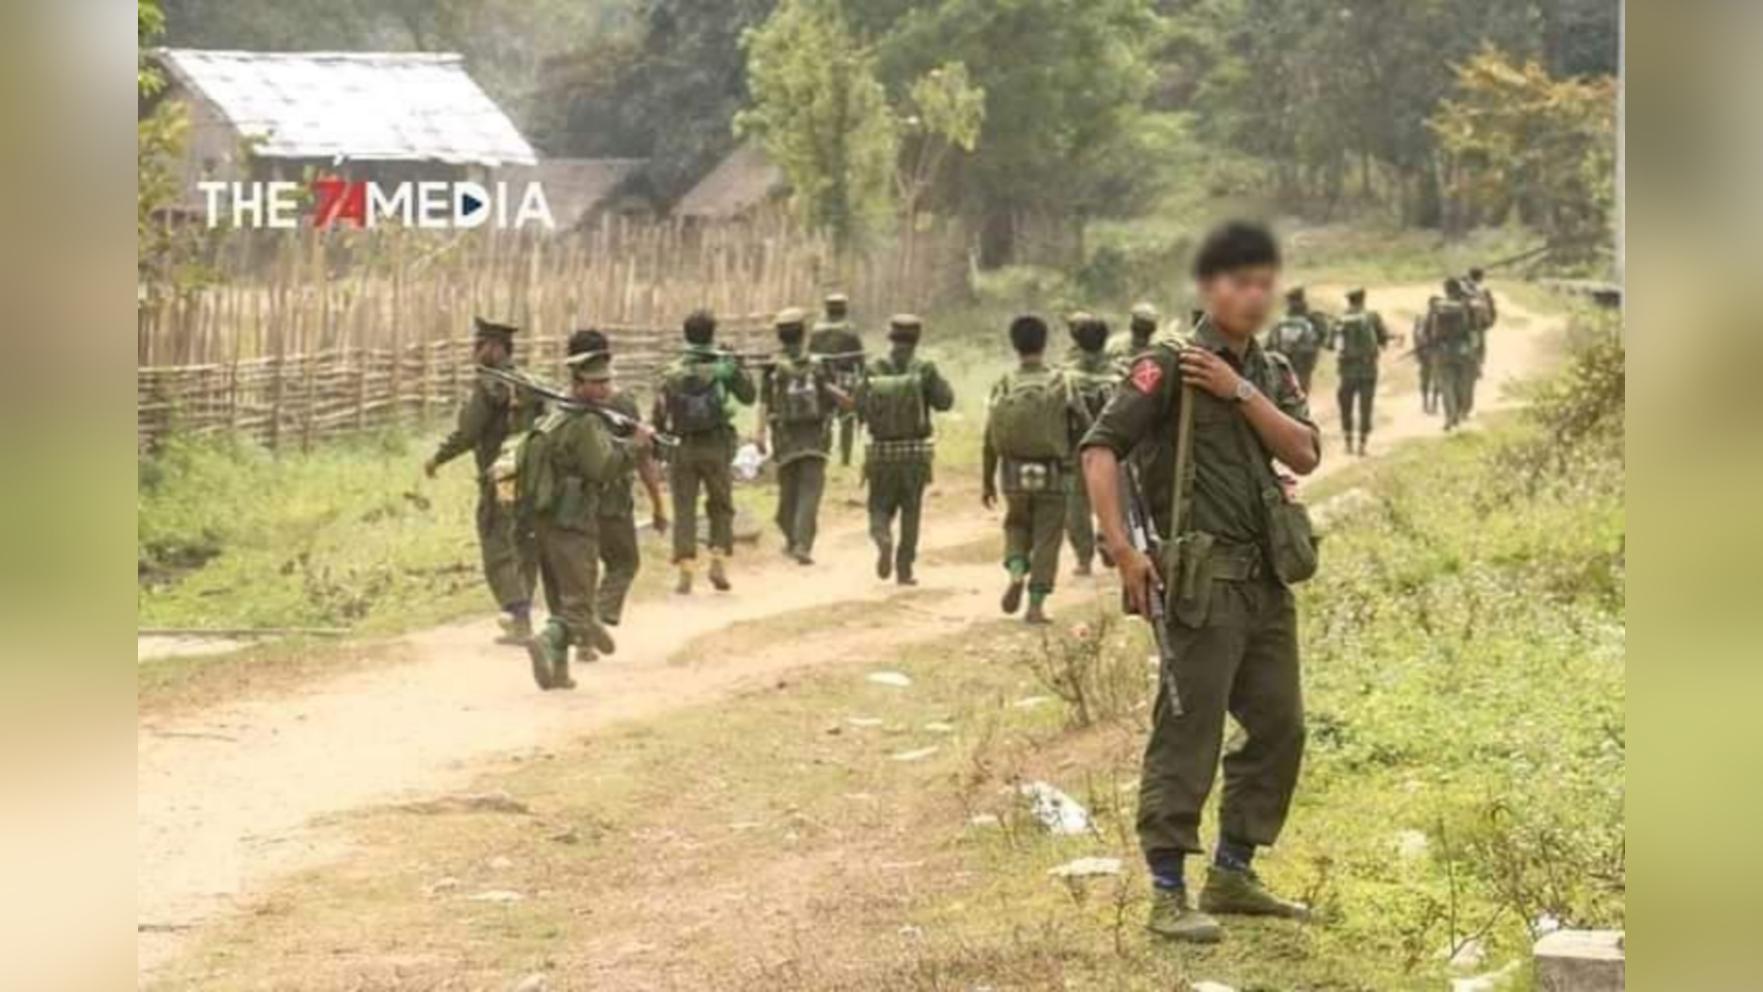 တနိုင်းမြို့နယ်မှာ စစ်အင်အားတိုးချဲ့လာတဲ့ အကြမ်းဖက်စစ်အုပ်စုကို KIAတိုက်ခိုက်